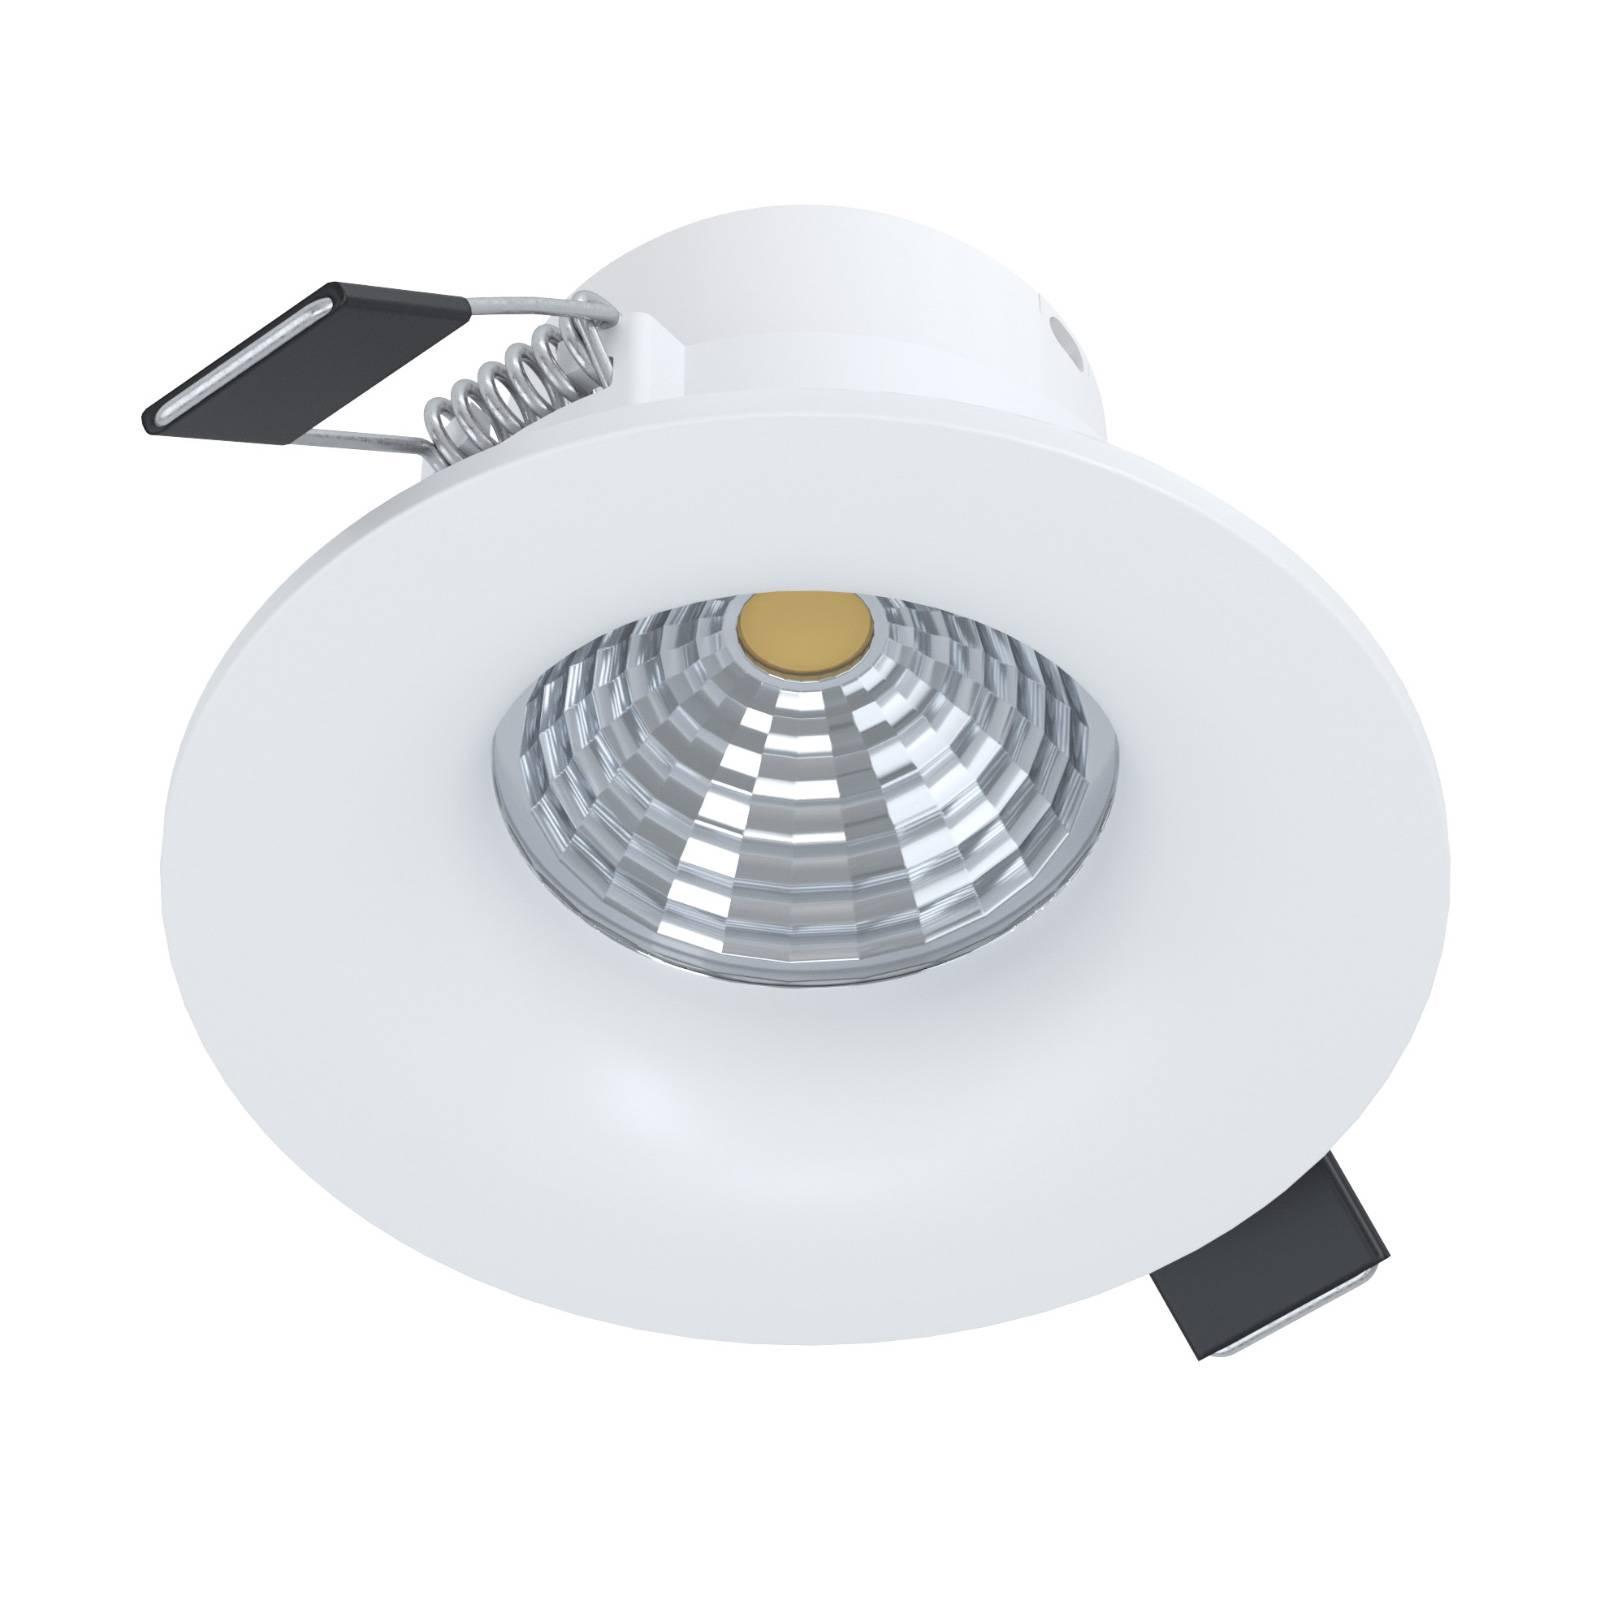 LED inbouwspot Saliceto rond stijf 2.700K wit